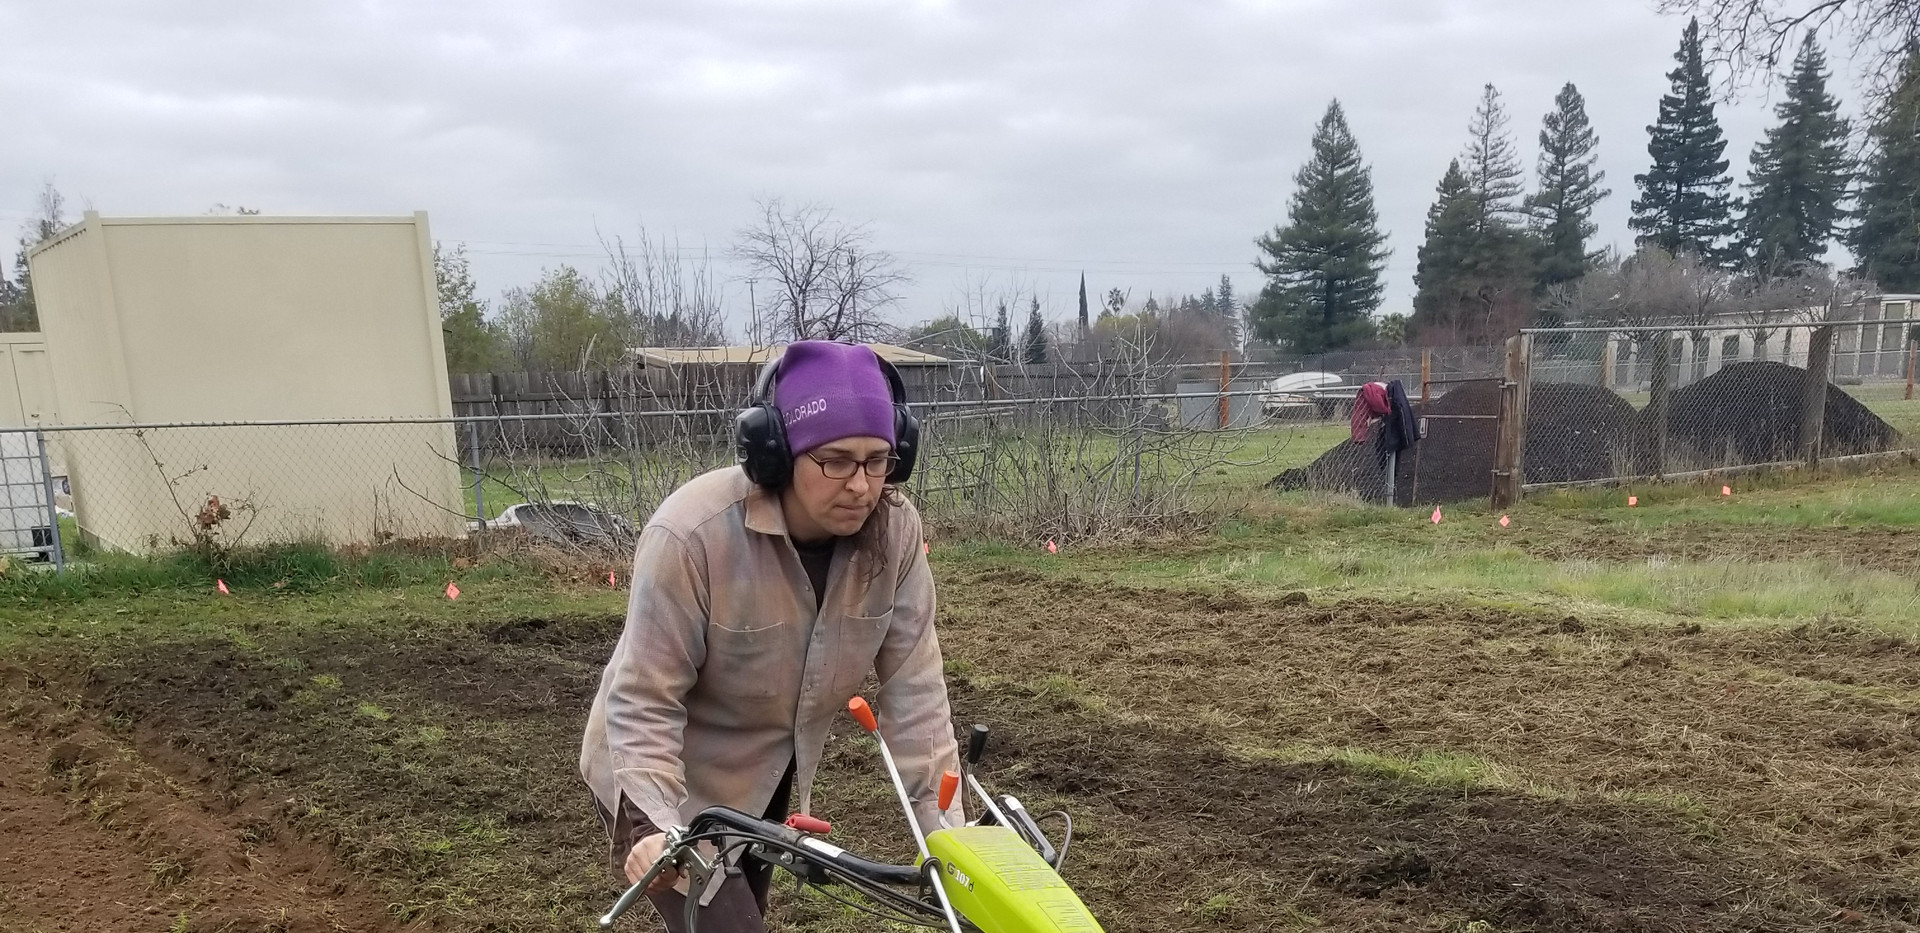 Sarah plowing pathways